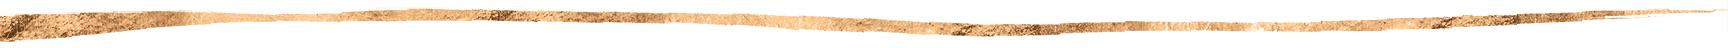 Decorative copper stripe